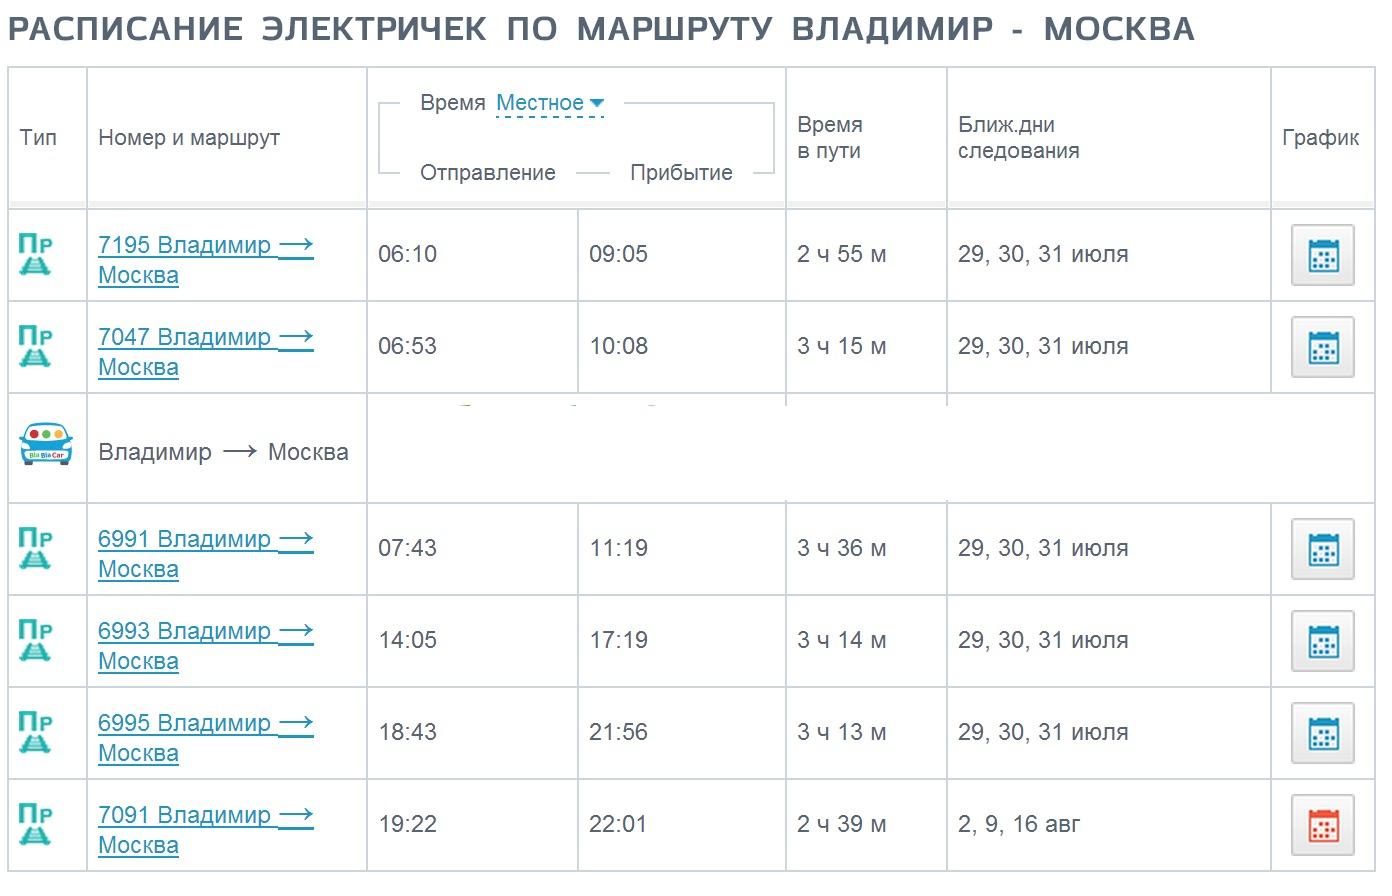 быстро расписание курского направления электричек на москву получила